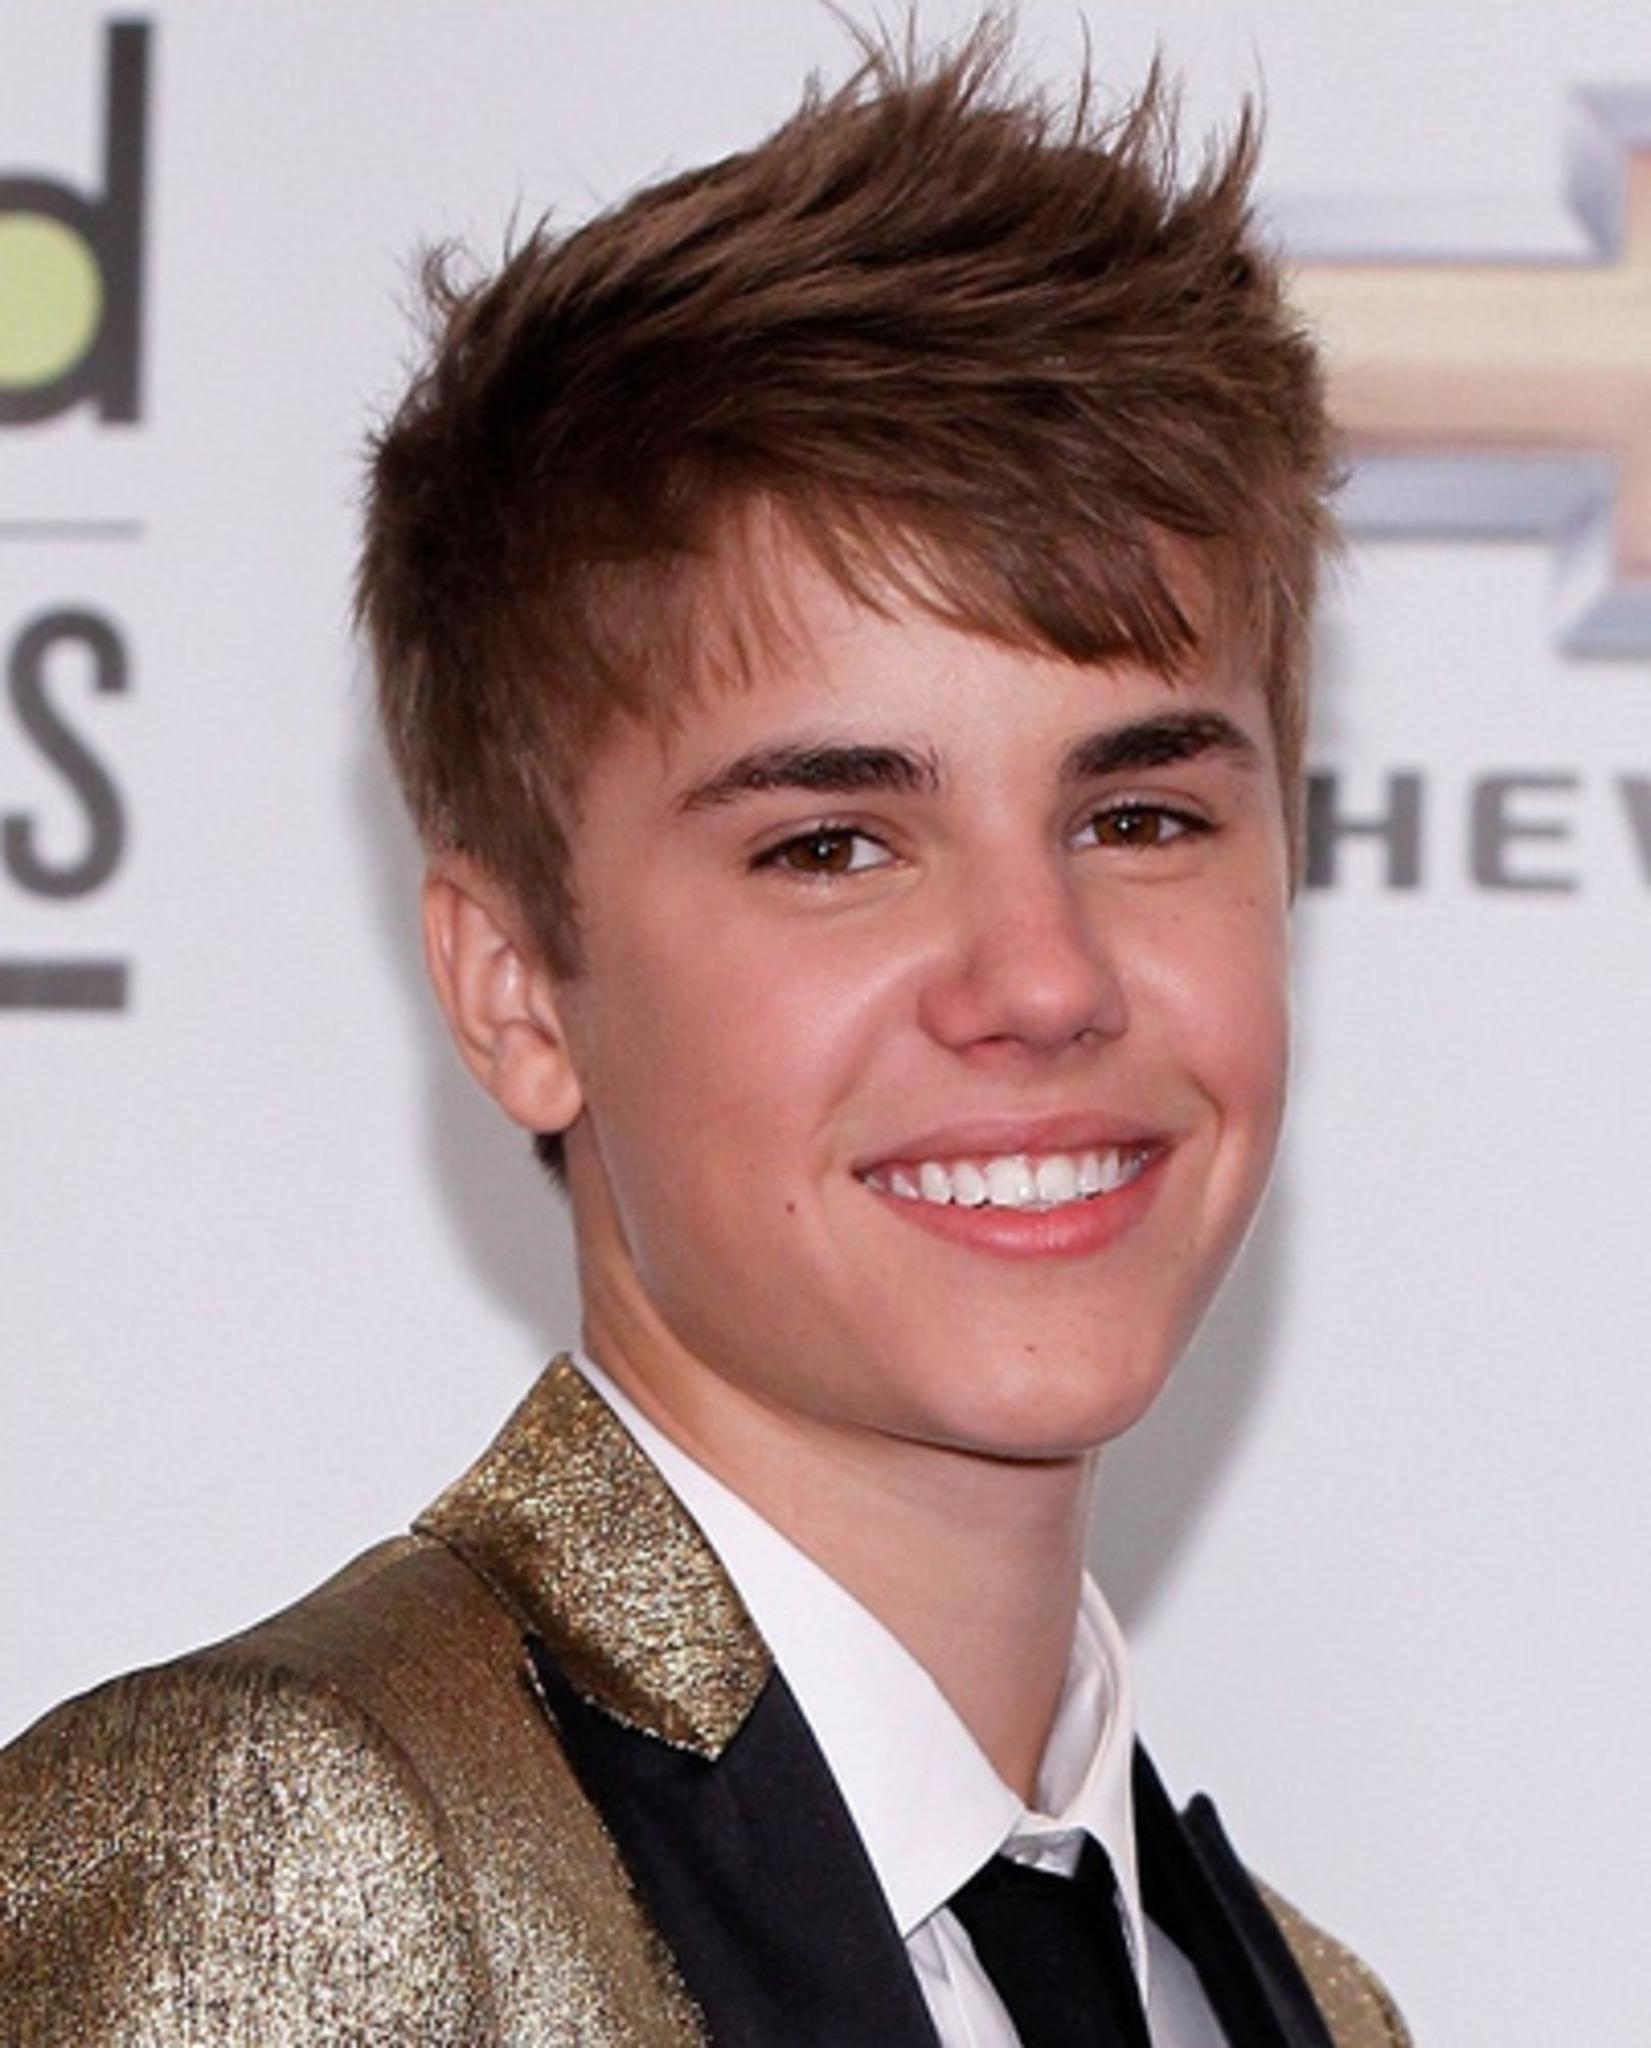 Justin Biebers Neue Frisur